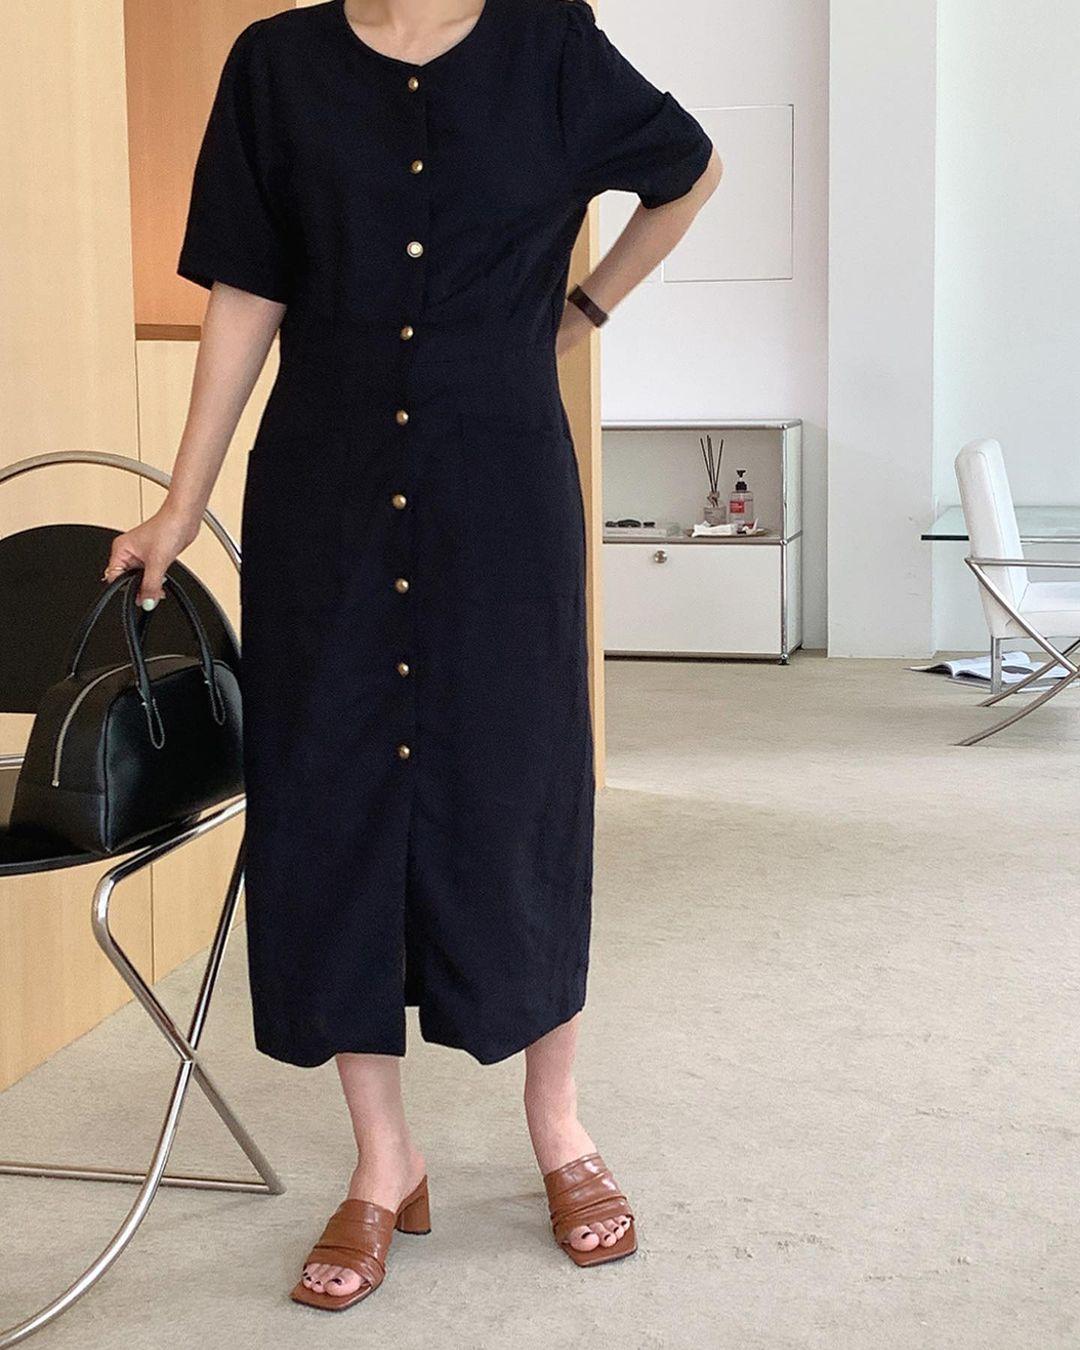 BTV thời trang chọn hộ chị em 5 công thức diện đồ, nếu áp dụng thì gặp ai cũng được khen mặc đẹp - Ảnh 10